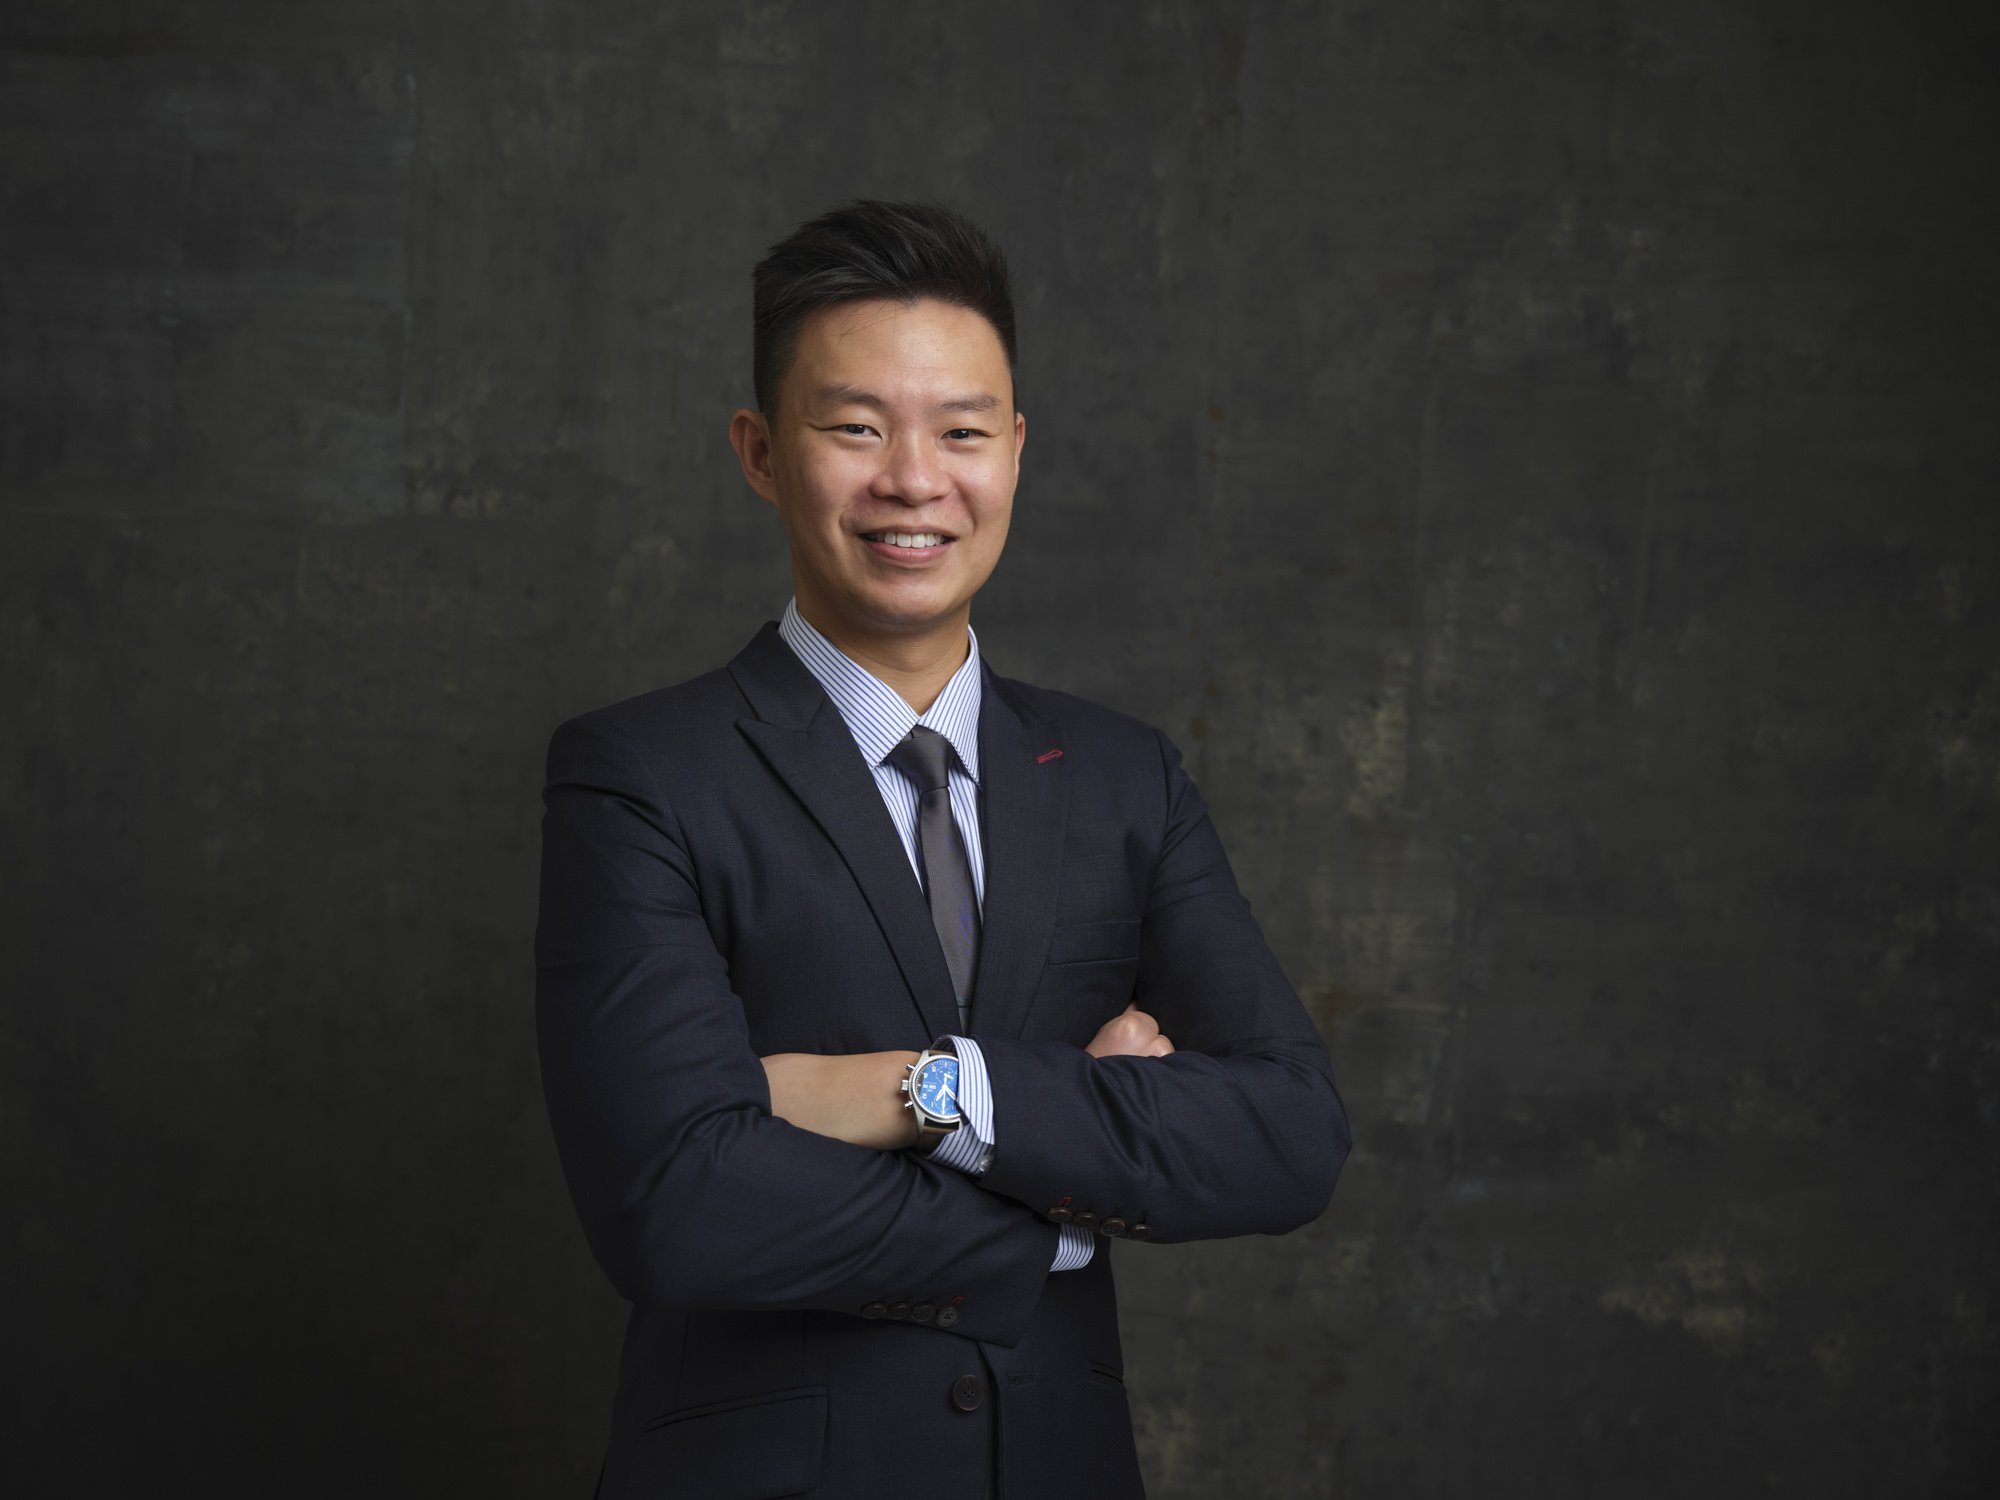 Headshot Session Portrait Photography Singapore Jose Jeuland 36